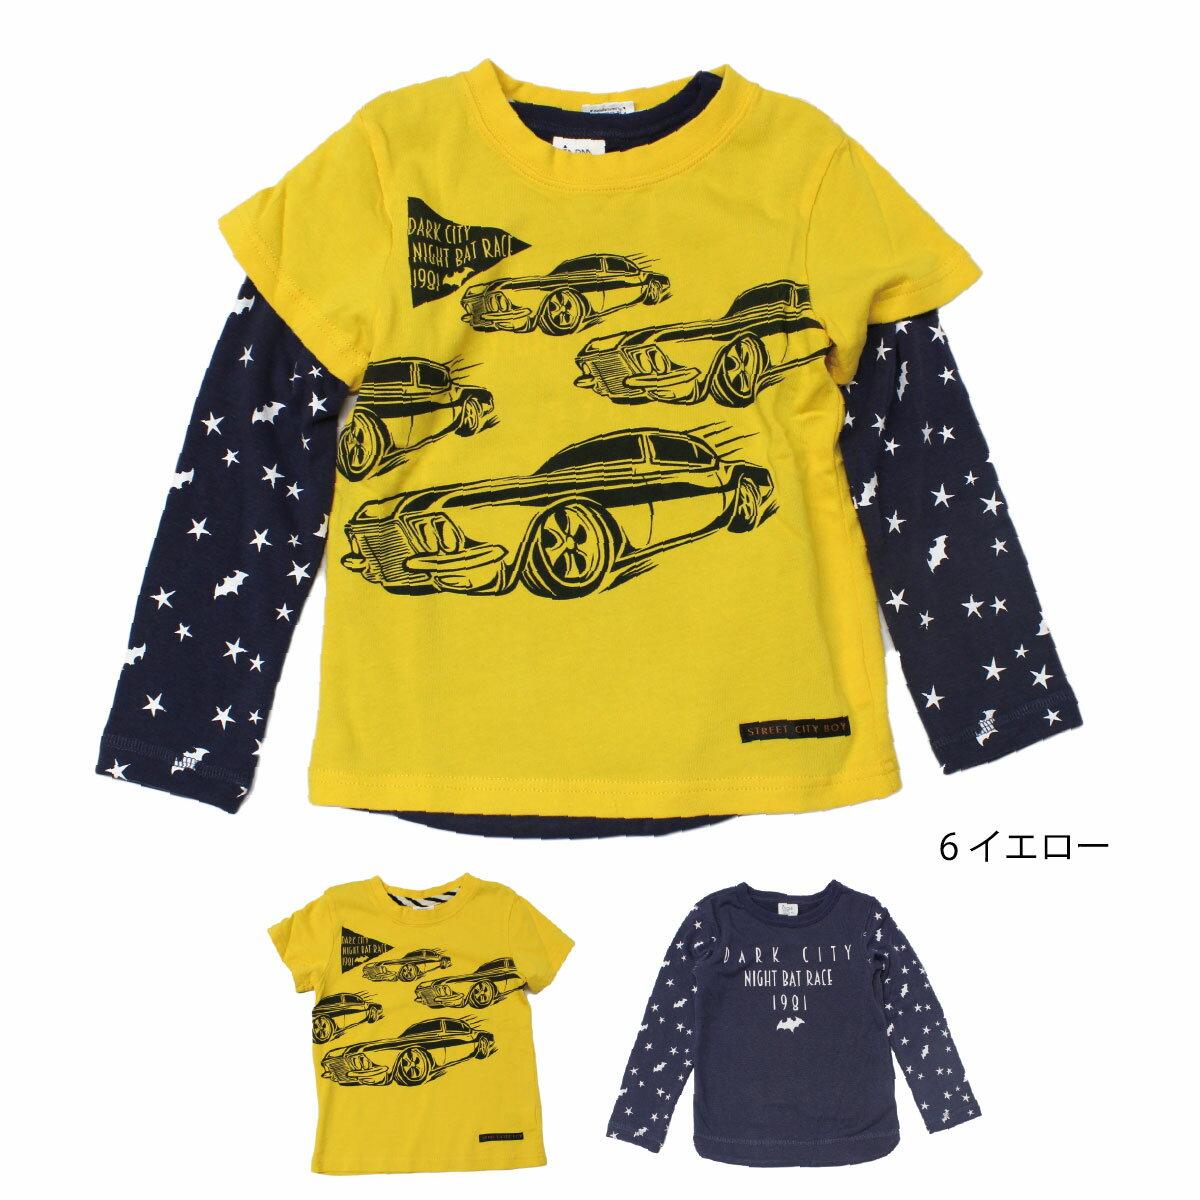 【セール】【50%off】【ネコポス対応】【SiShuNon/FARM】バッドレースTシャツセット ファーム キッズ 男の子 Tシャツ セット 車